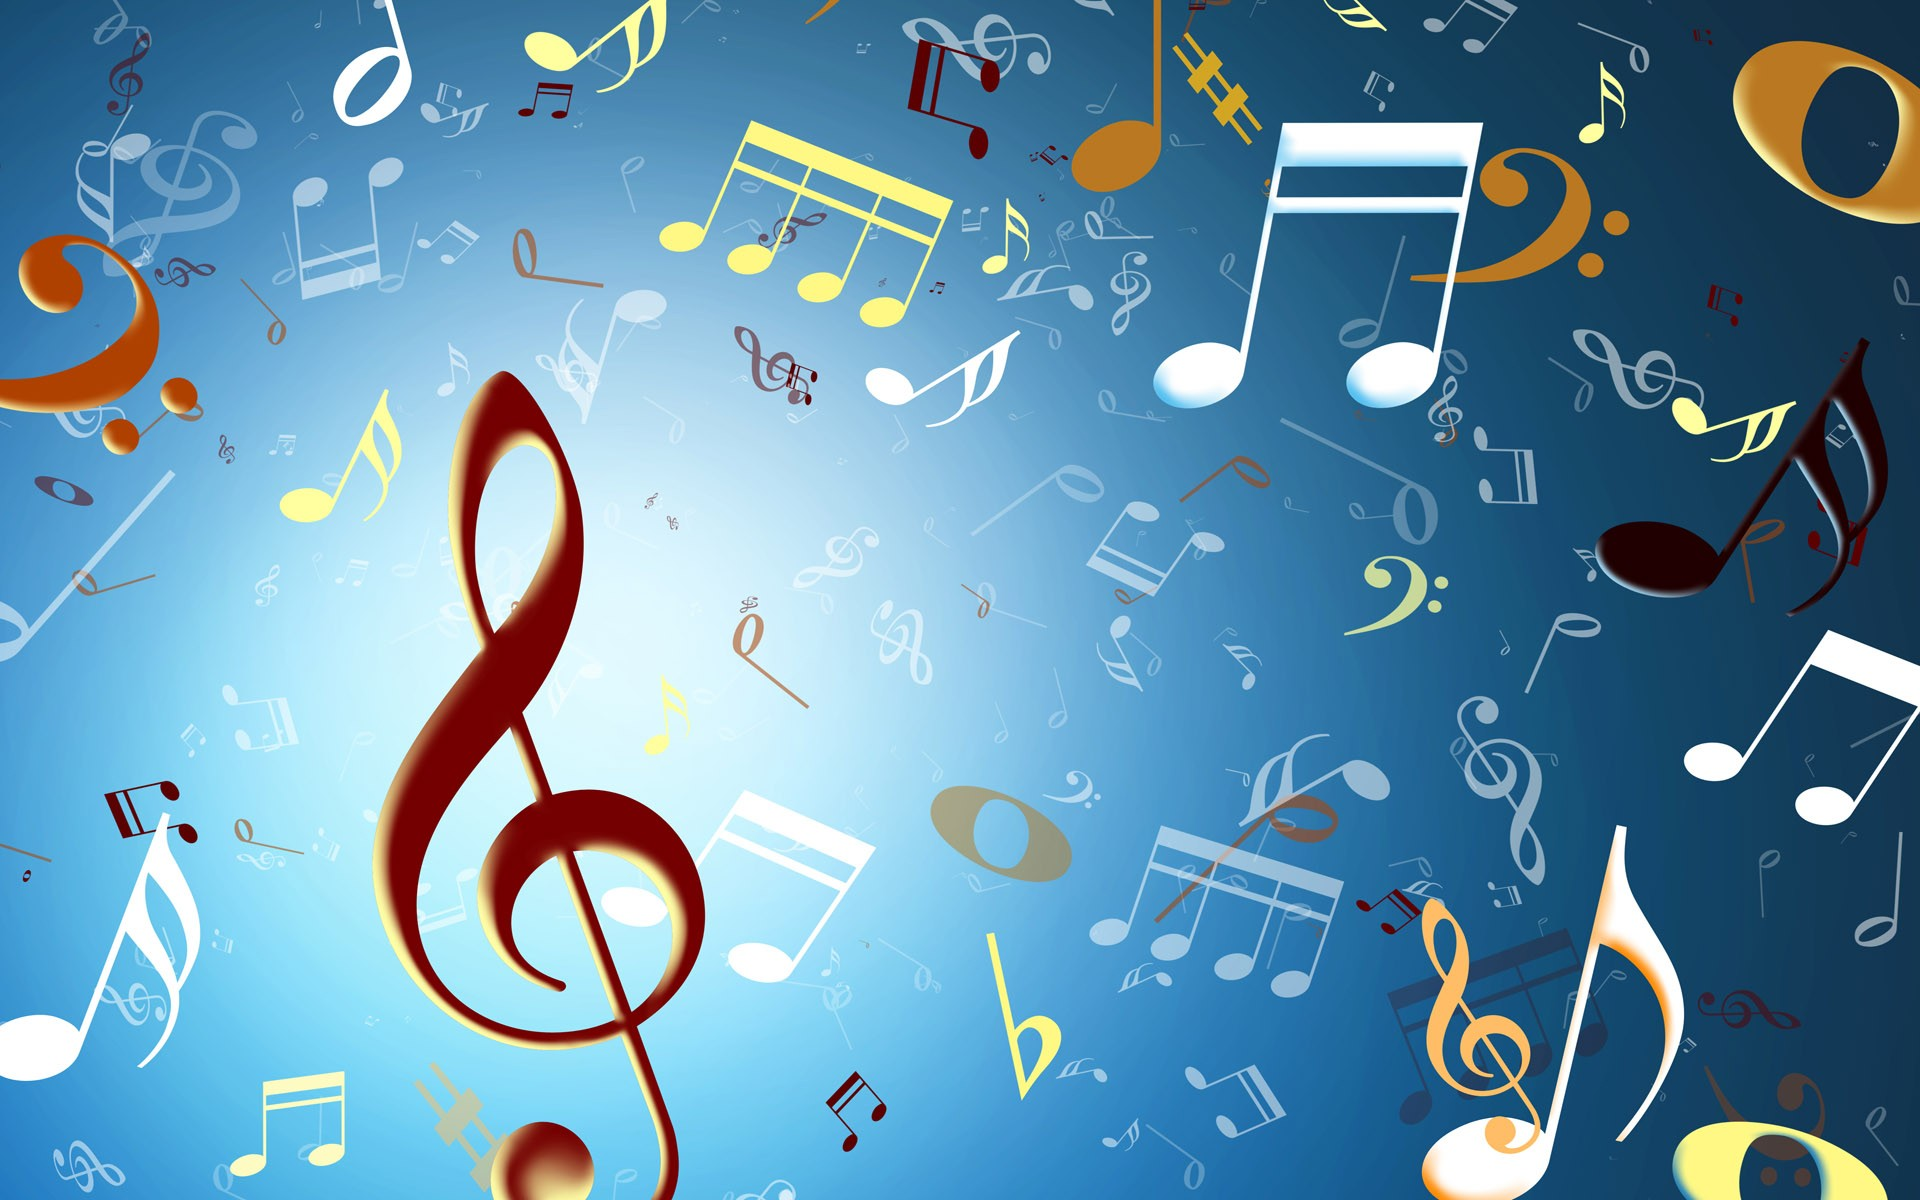 Скачать обои Скрипичный ключ, ноты, свет - Обои раздела Разное.